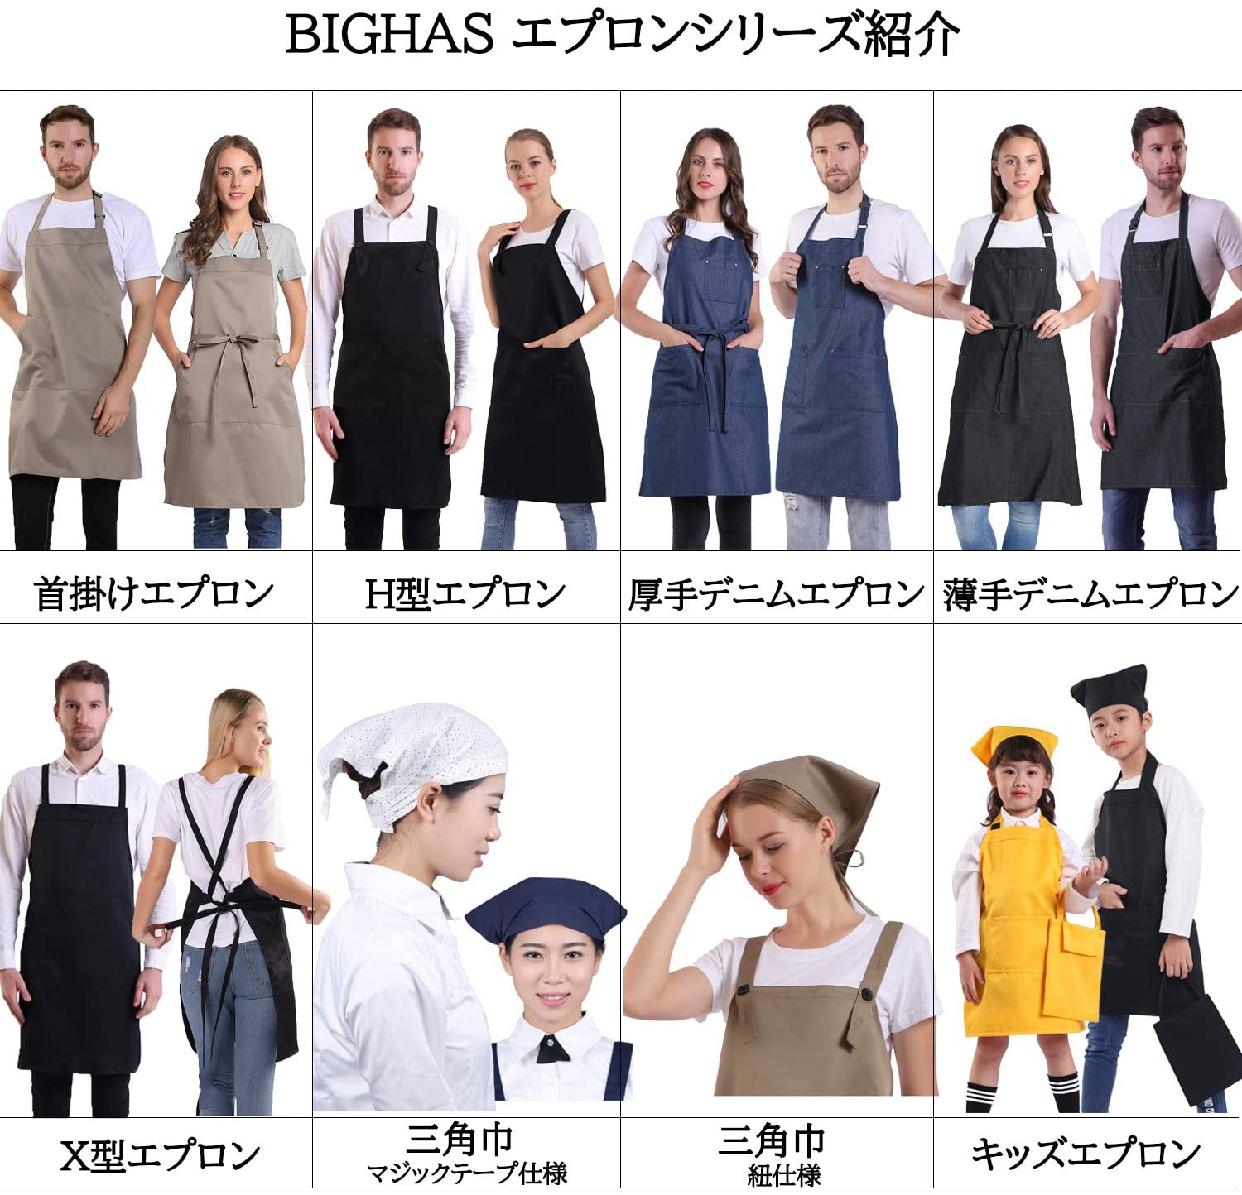 BIGHAS(ビックハス) キッズ エプロン 3点セットの商品画像7